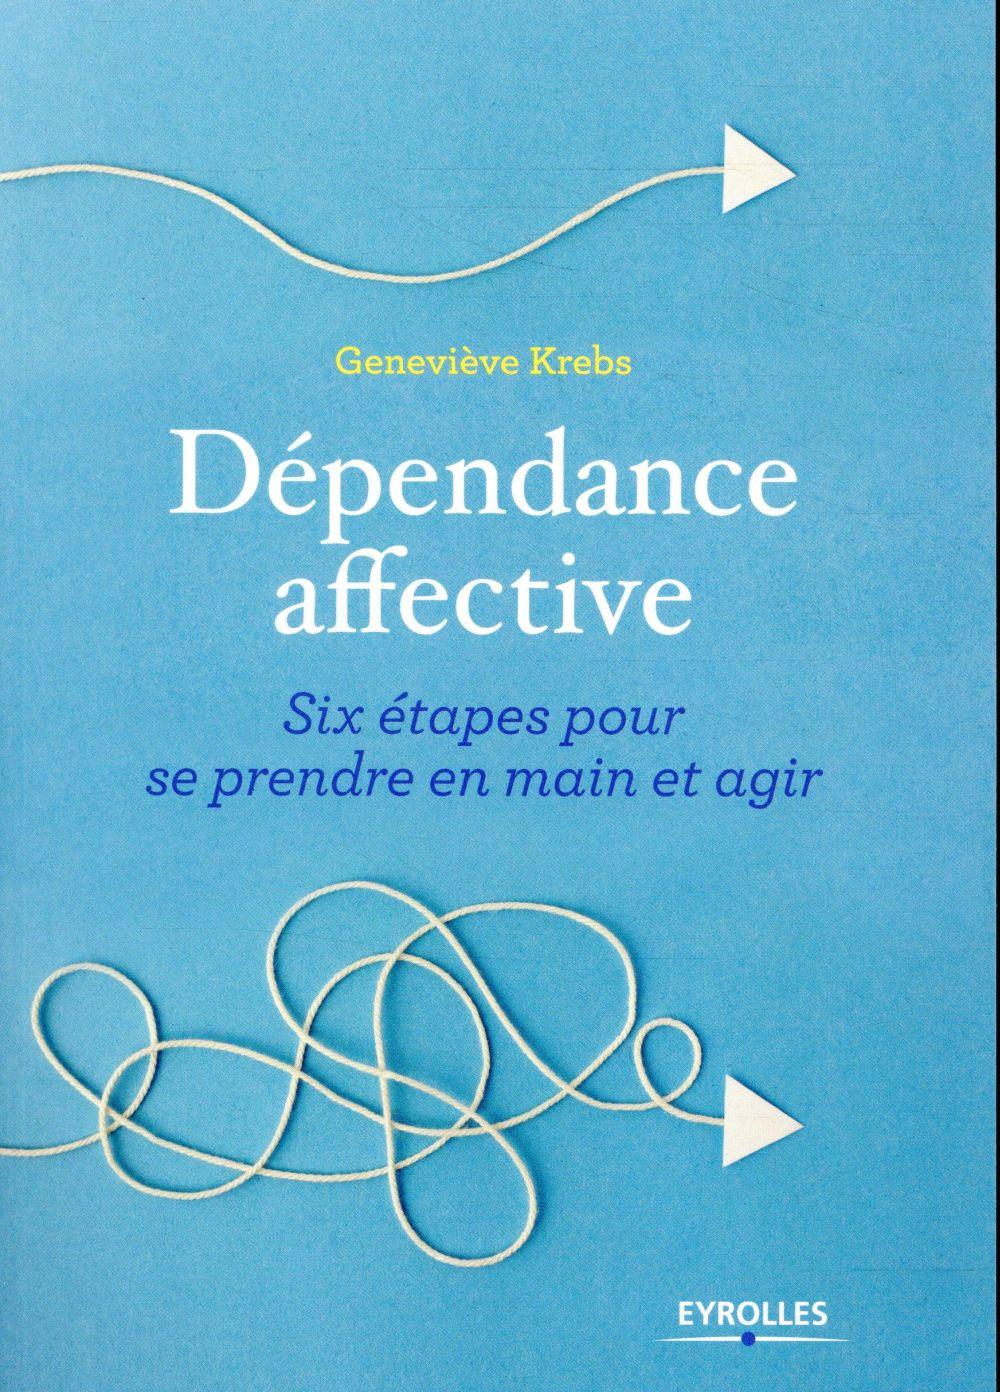 DEPENDANCE AFFECTIVE - SIX ETAPES POUR SE PRENDRE EN MAIN ET AGIR